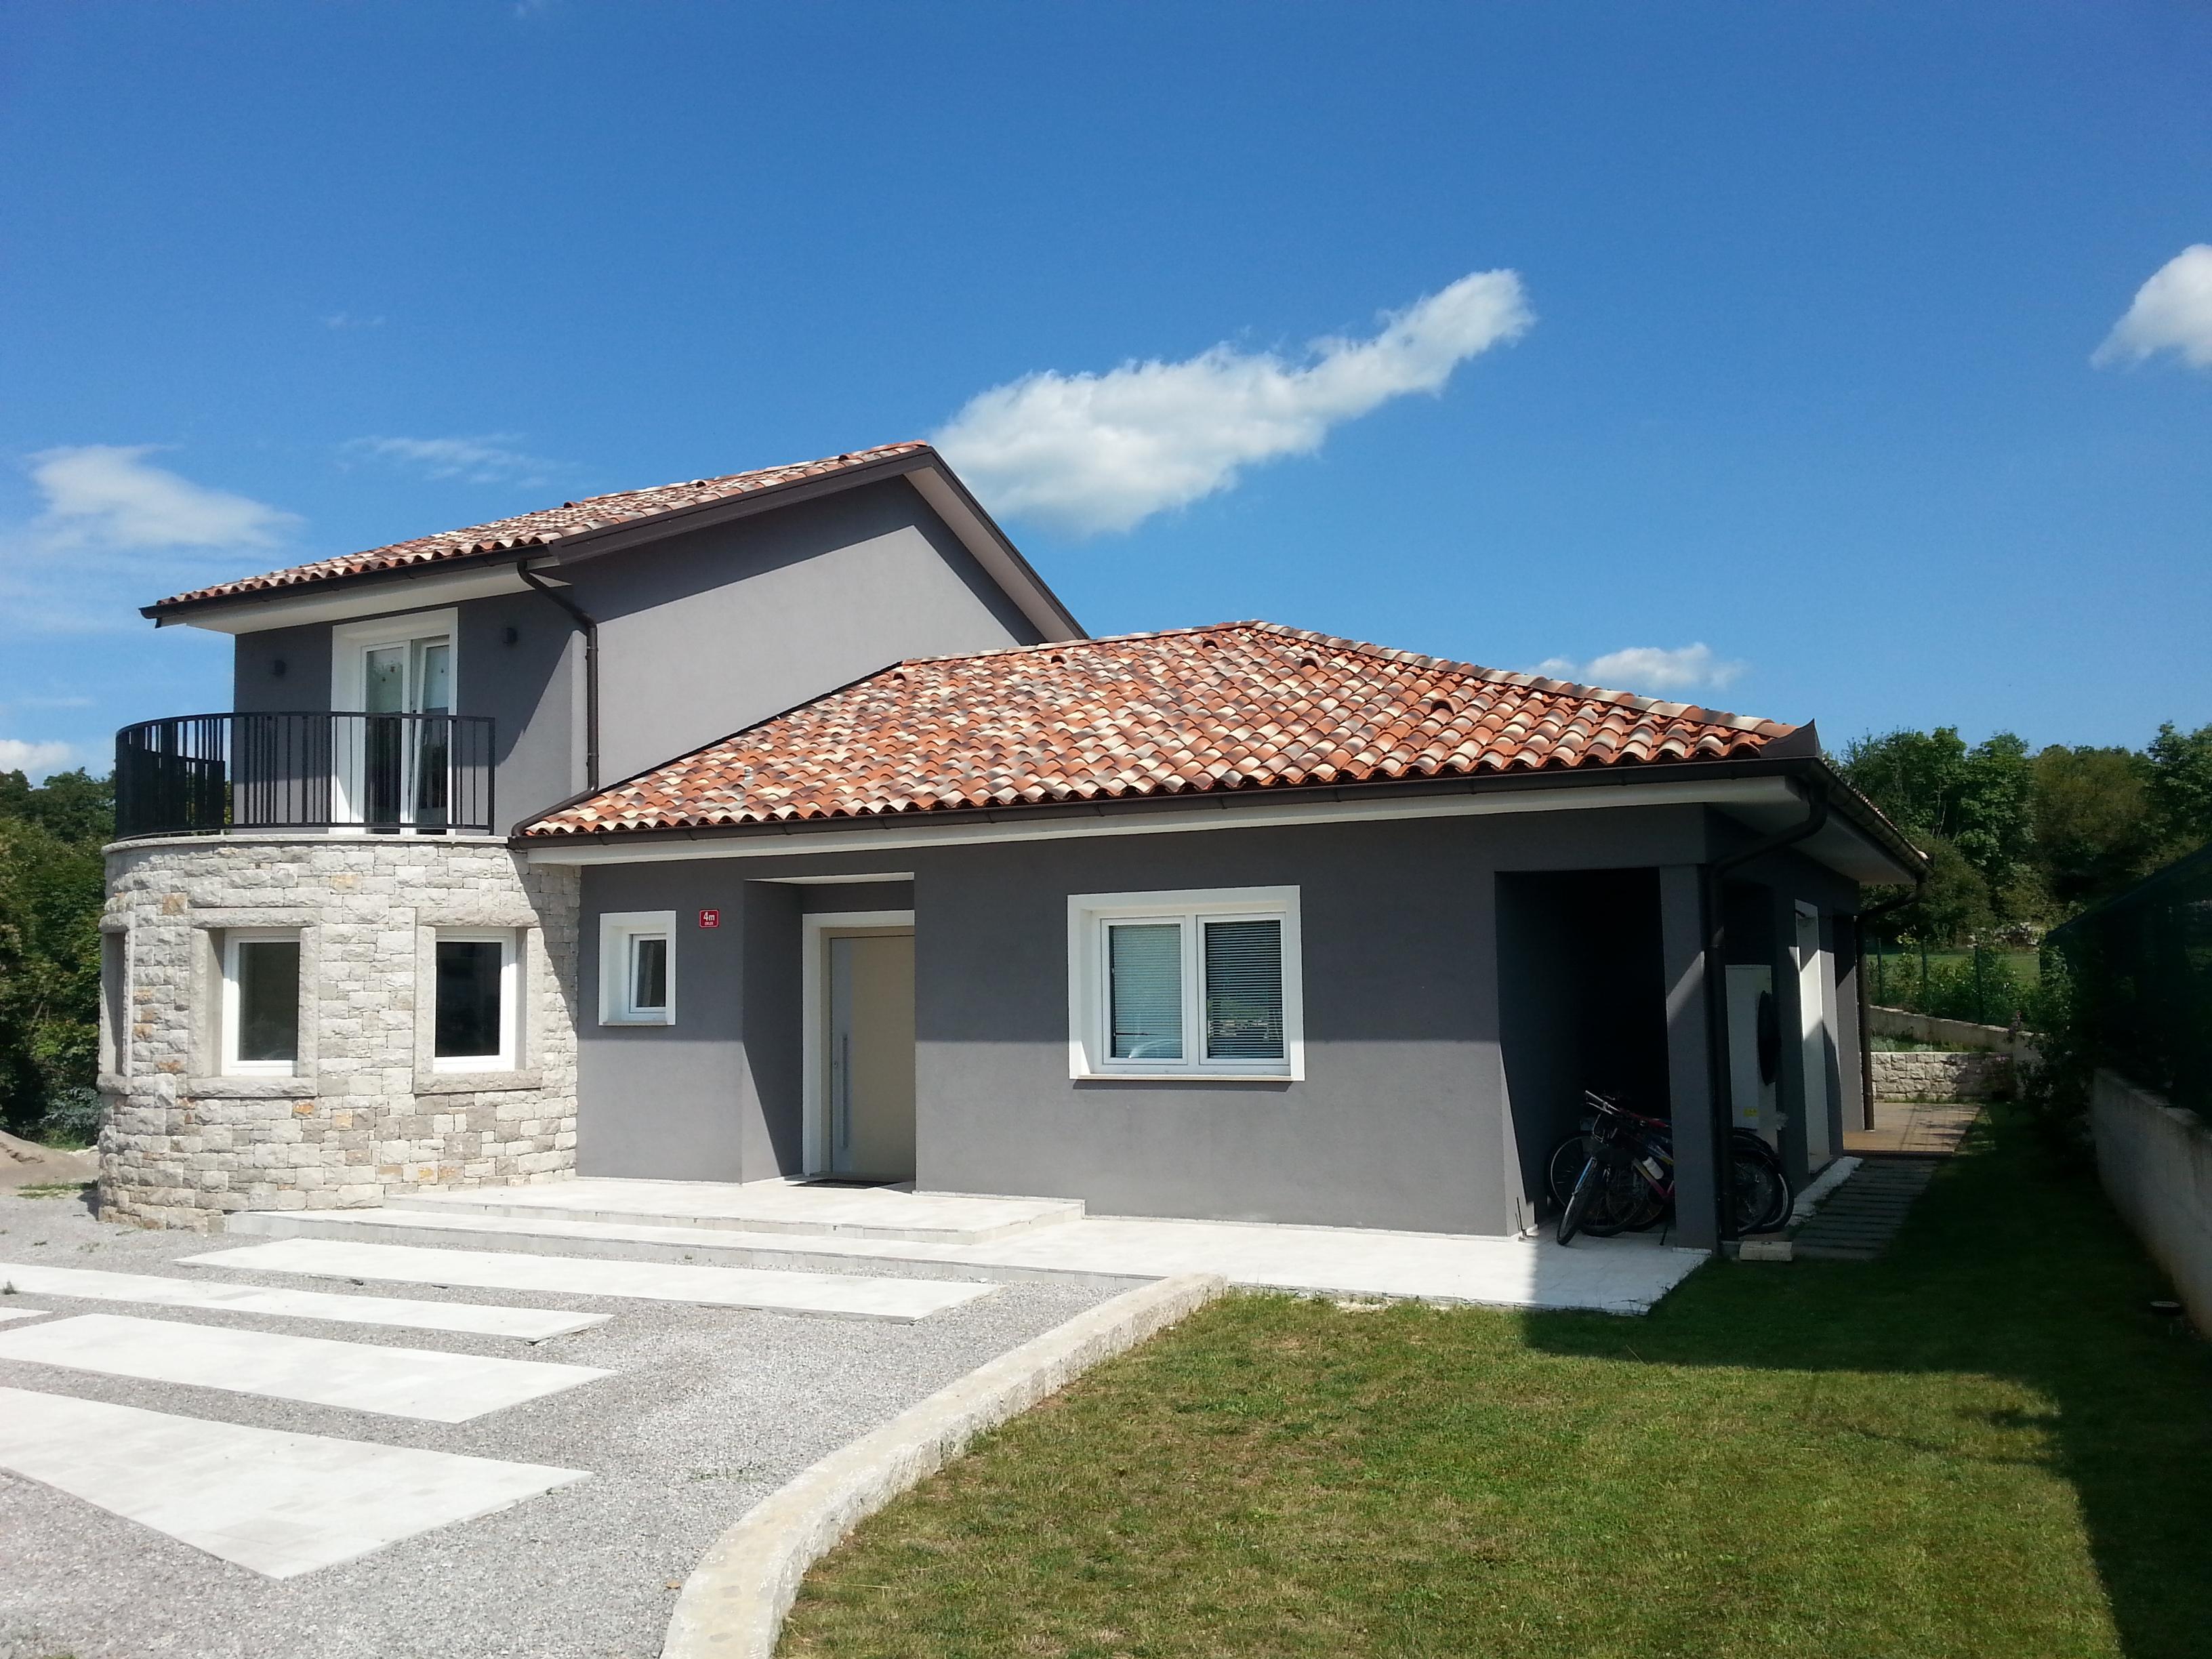 vendita casa indipendente lokev primorska slovenia